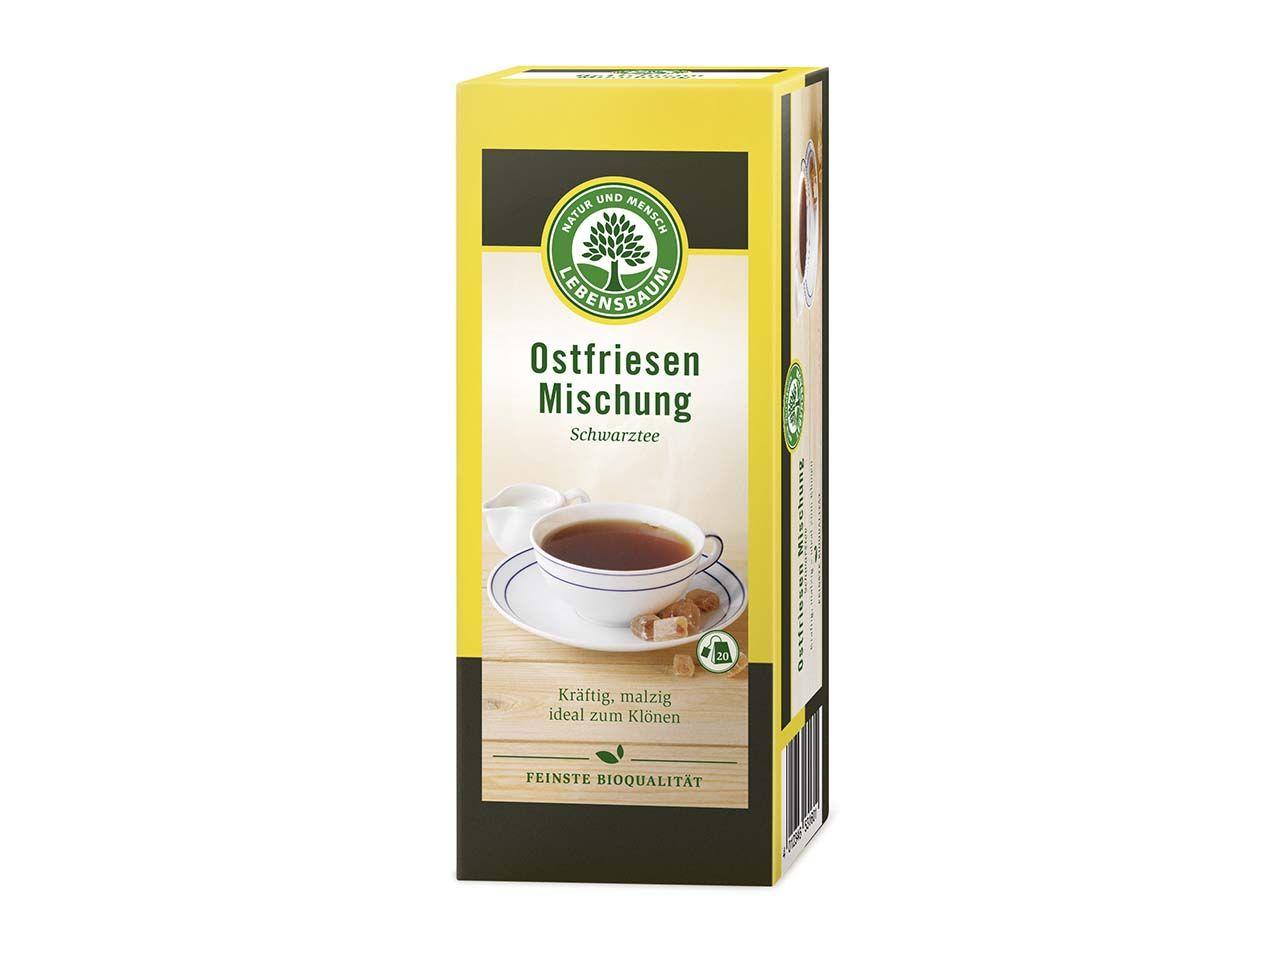 Lebensbaum Schwarzer Bio-Tee Ostfriesenmischung 20 x 1,75 g 5110